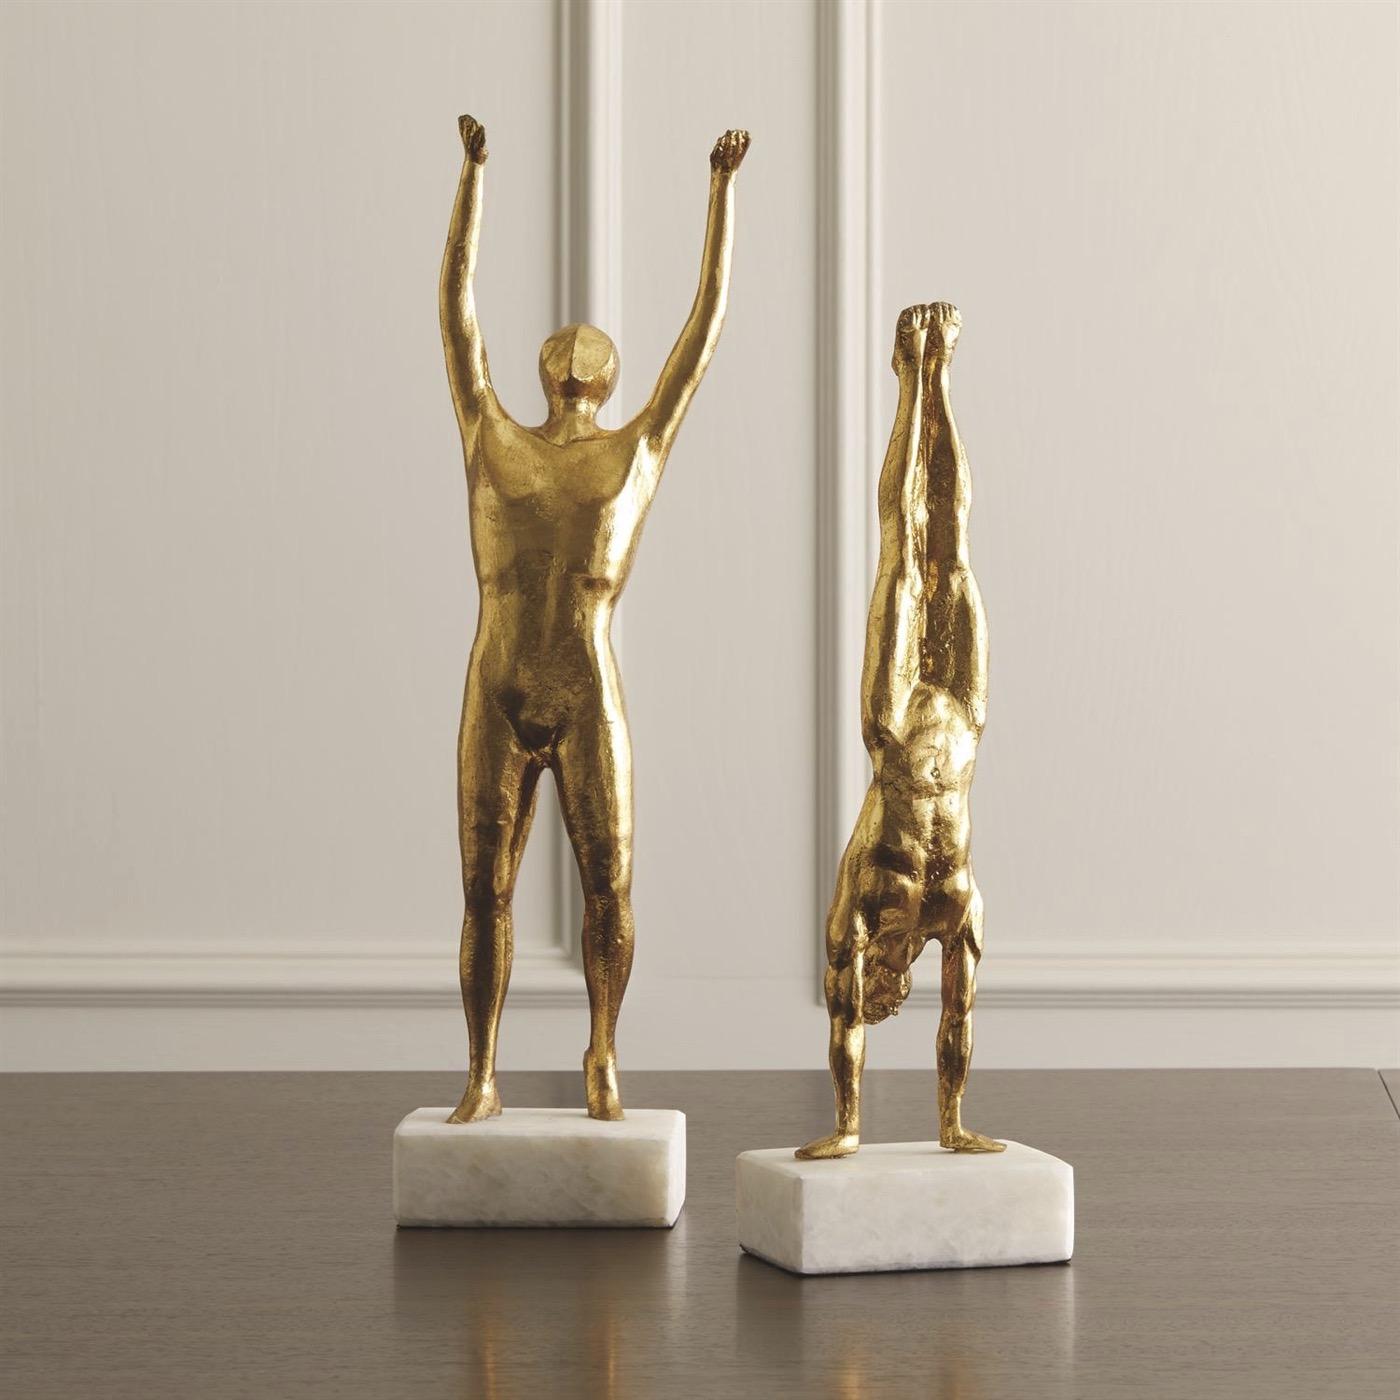 Stanley Iron Sculpture | Bright Gold